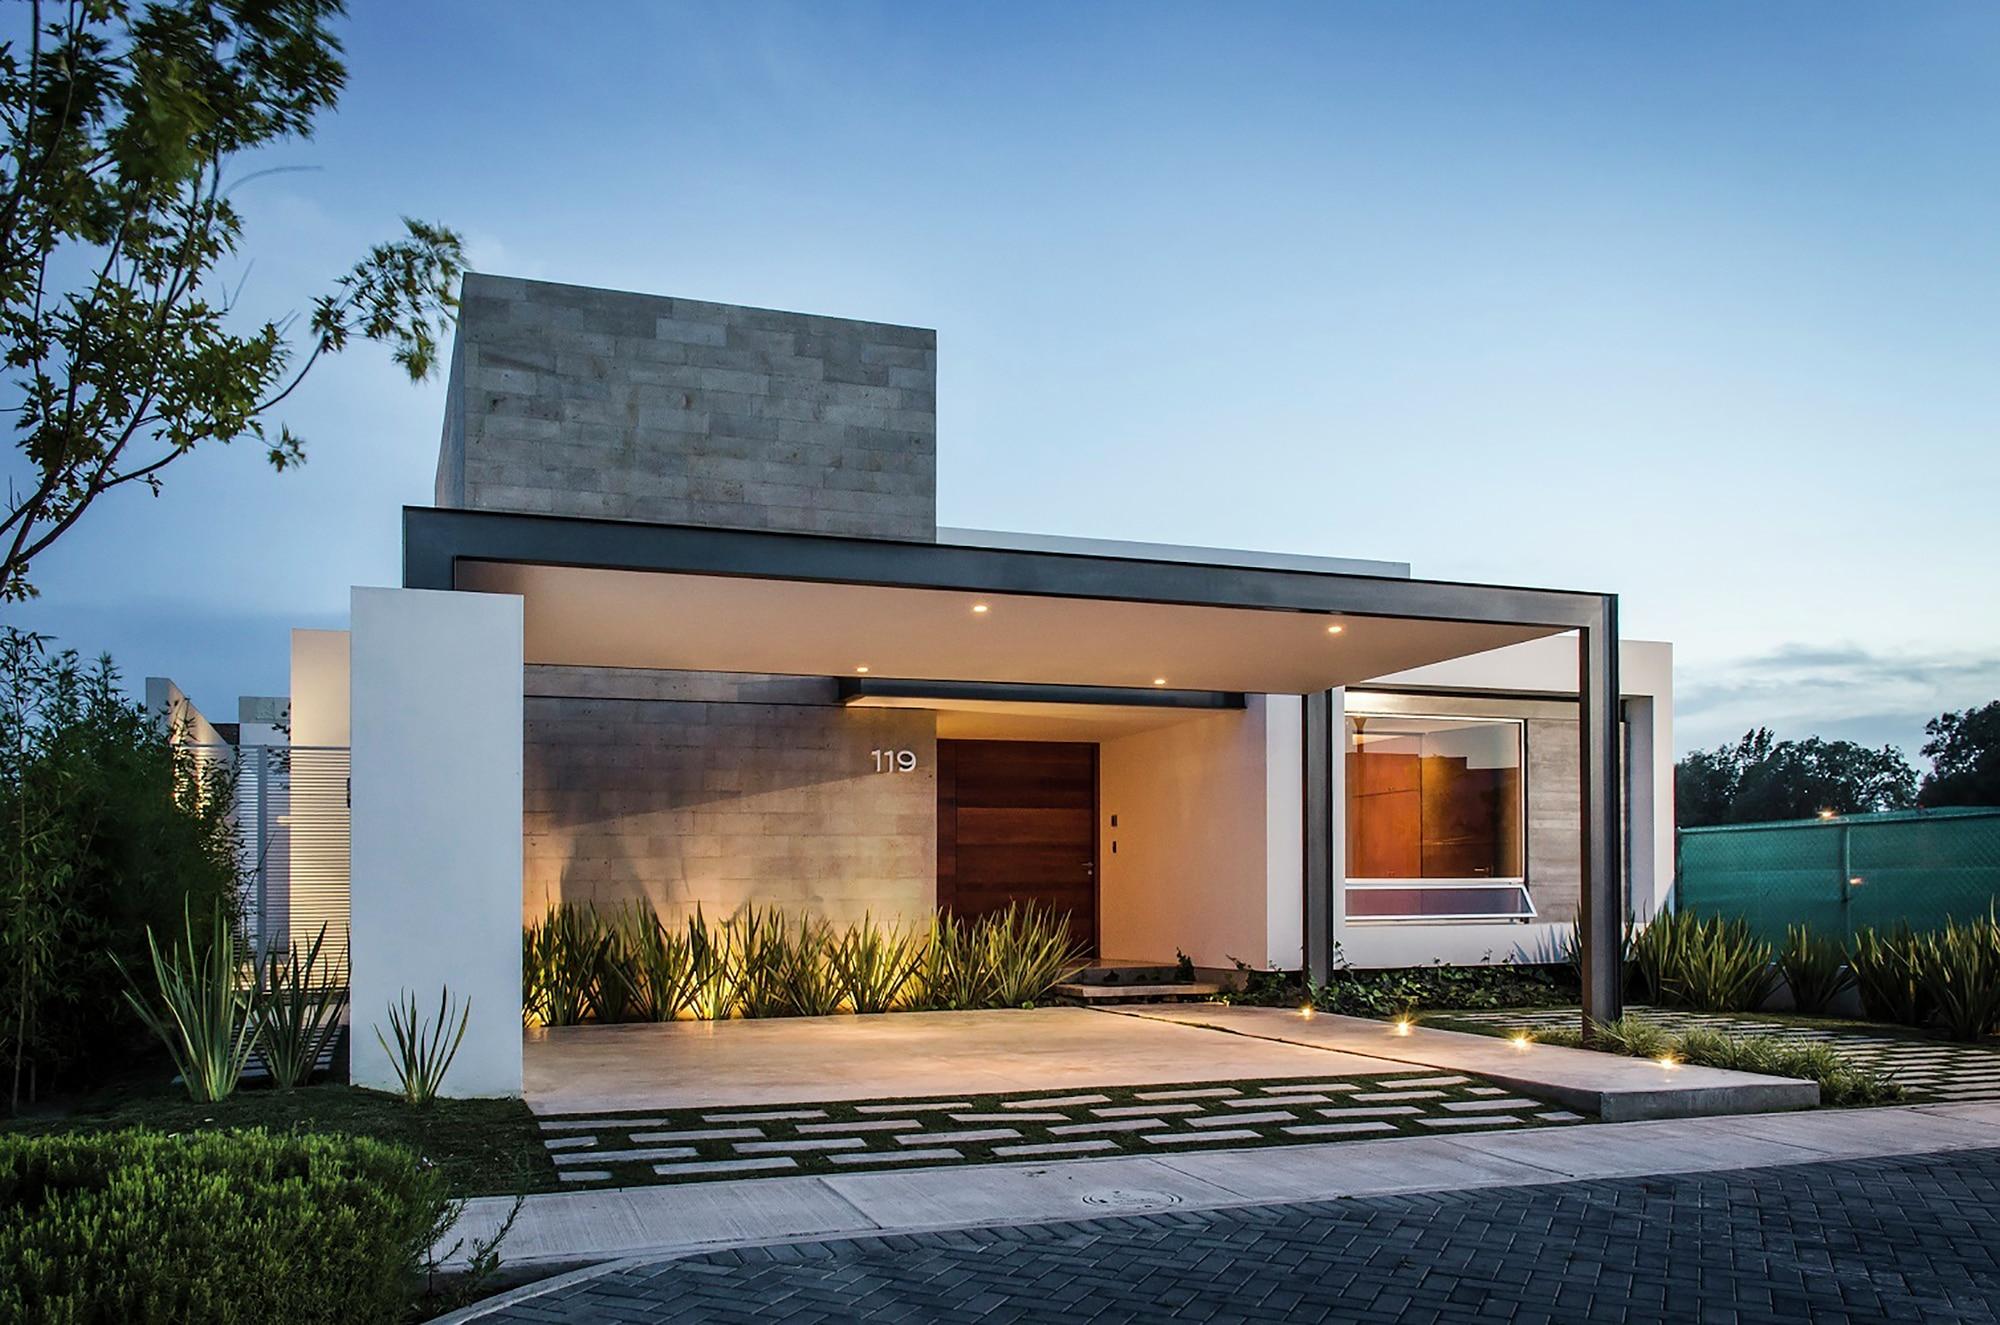 Dise o casa moderna de un piso construye hogar for Casa moderna 9 mirote y blancana